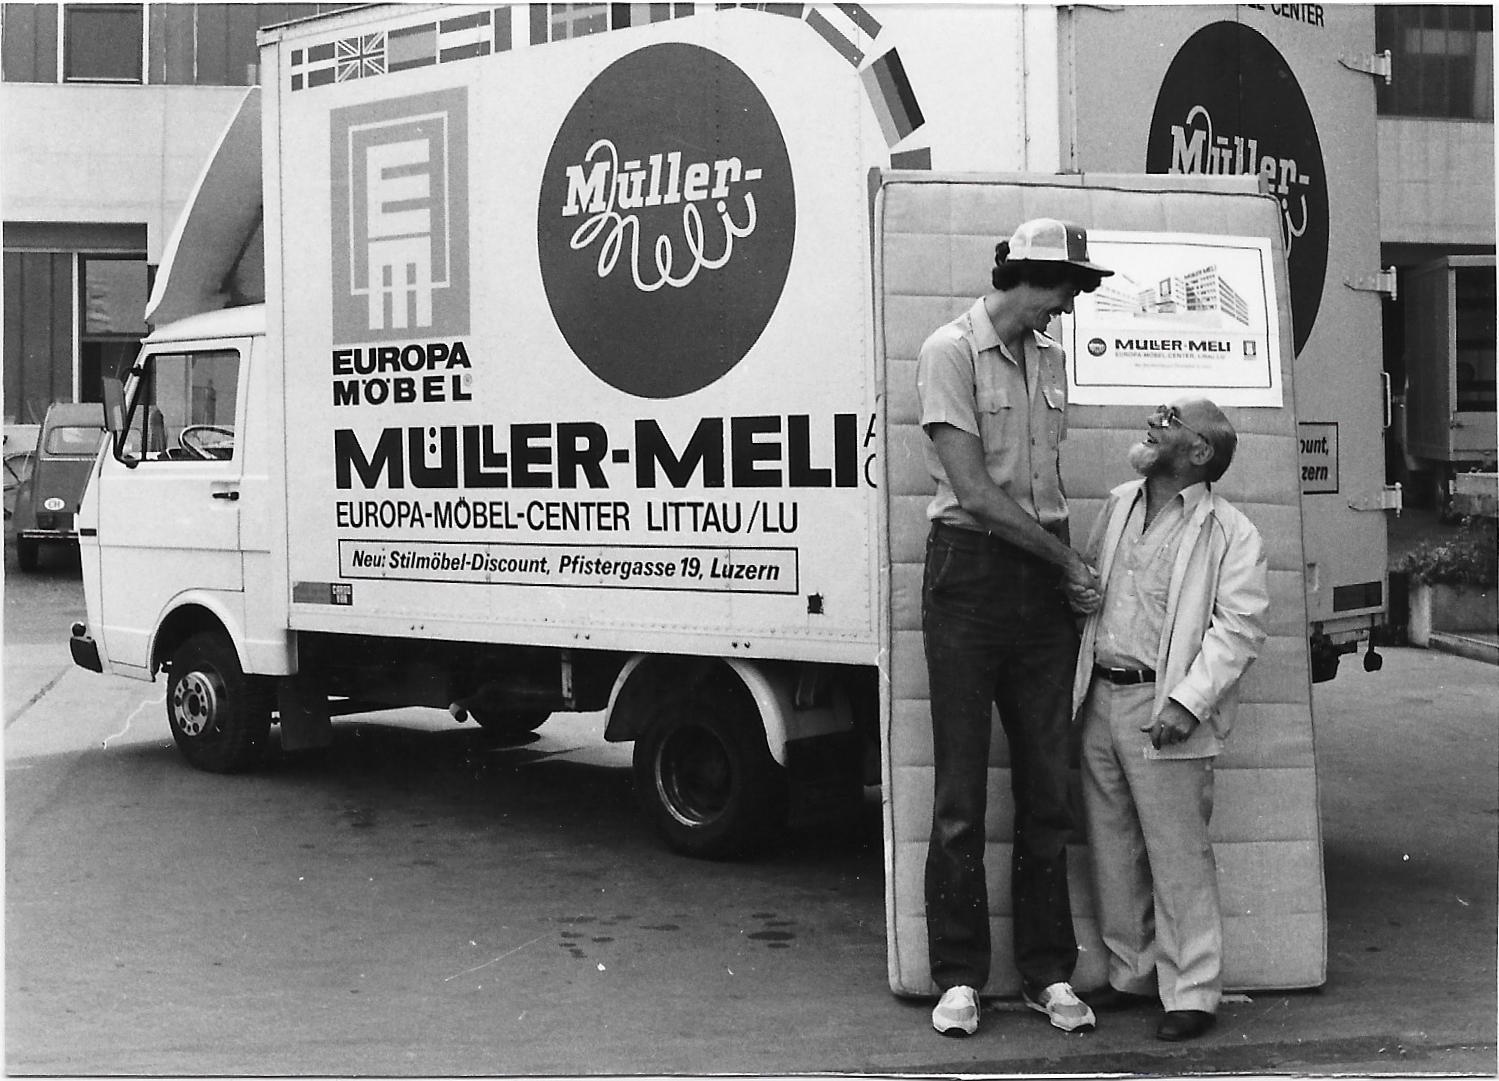 1982/1983 - Für seine 2.11m Körpergrösse erhält Dave Netherton vom Möbel-Center Müller-Meli eine Matratzen-Spezialanfertigung